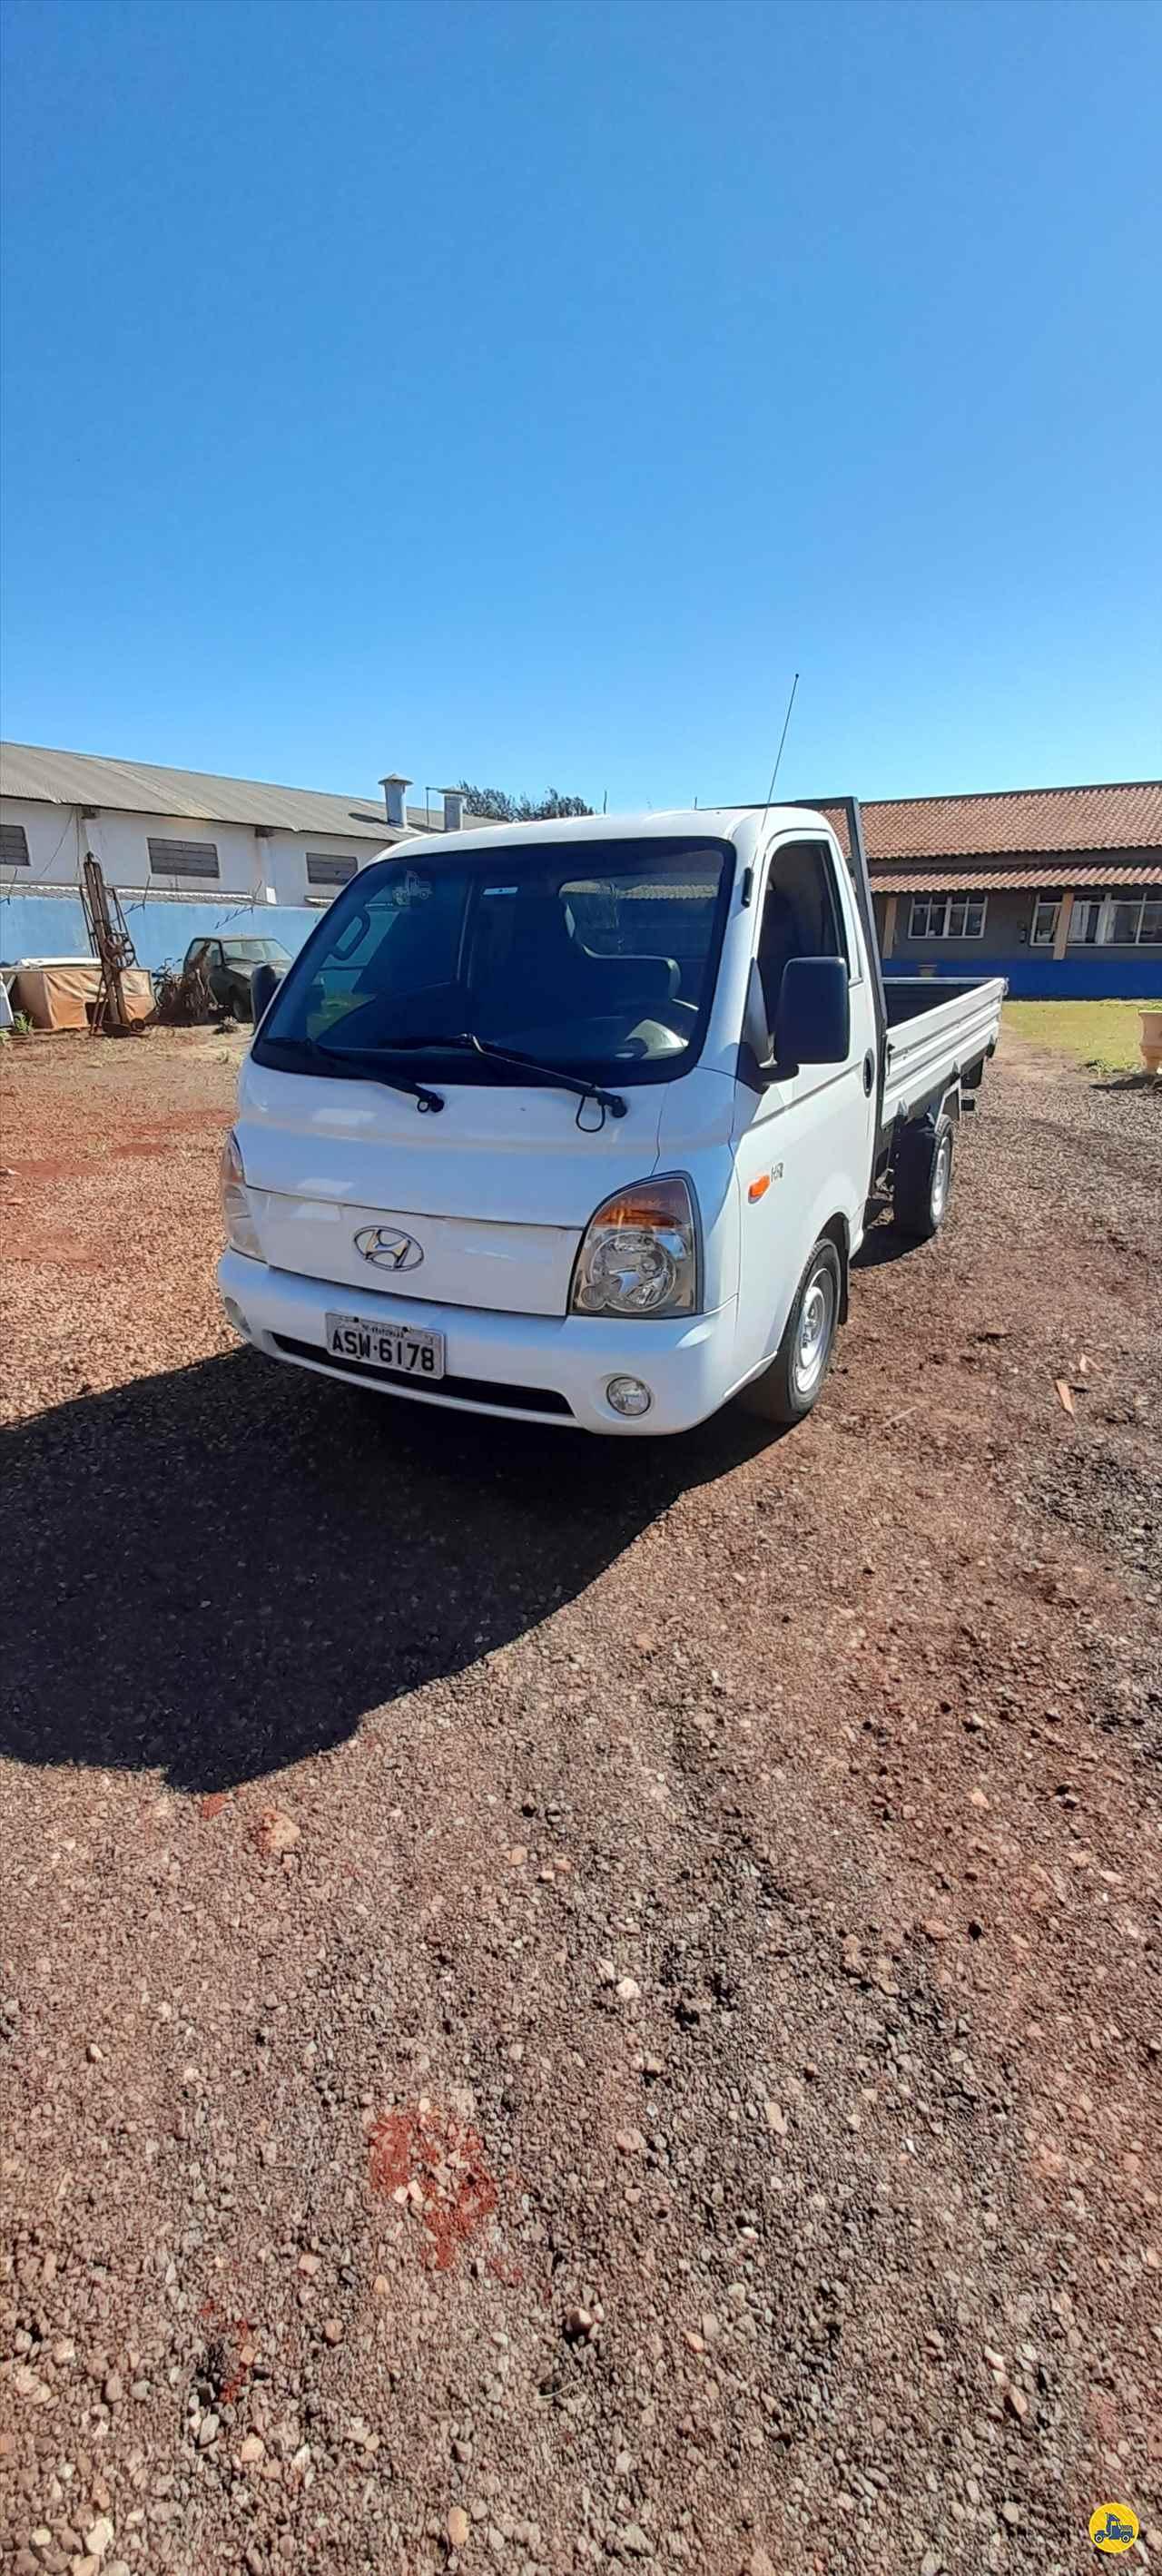 CAMINHAO HYUNDAI HR Carroceria Cabine Suplementar 3/4 4x2 Aratrans Estacionamento ARAPONGAS PARANÁ PR